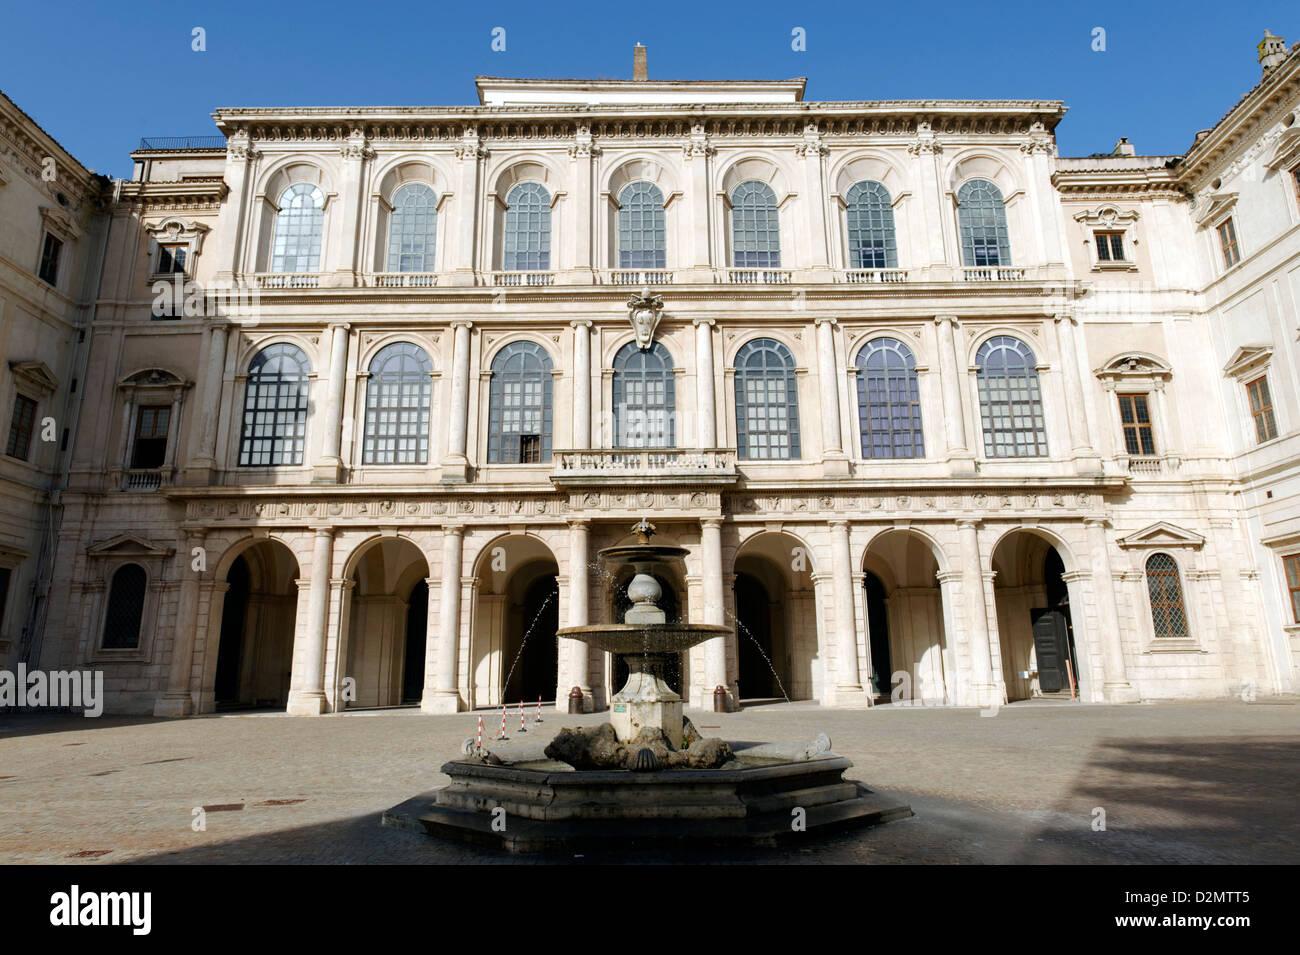 Rome. Italy. View of the Baroque 17th century Palazzo Barberini on Via Barberini in Quirinale. - Stock Image